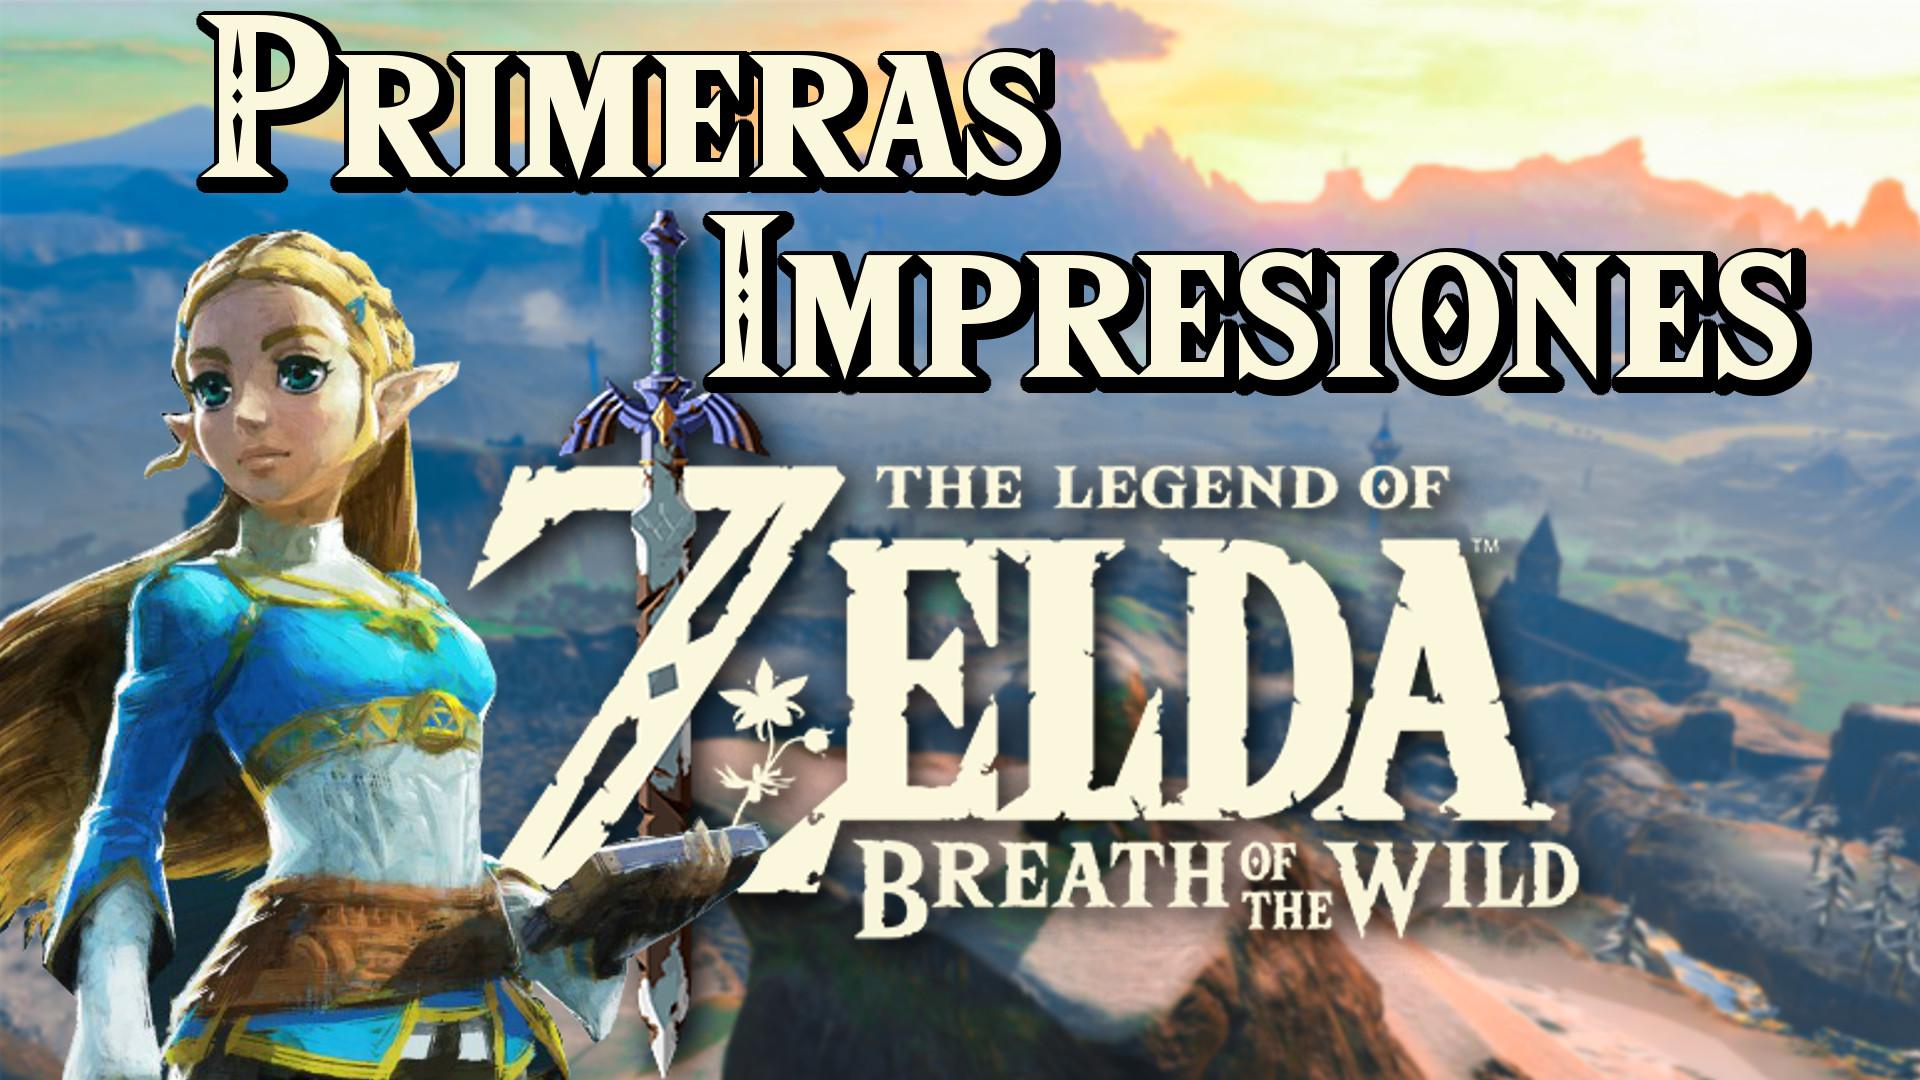 Primeras Impresiones Zelda Breath of the Wild (vídeo)